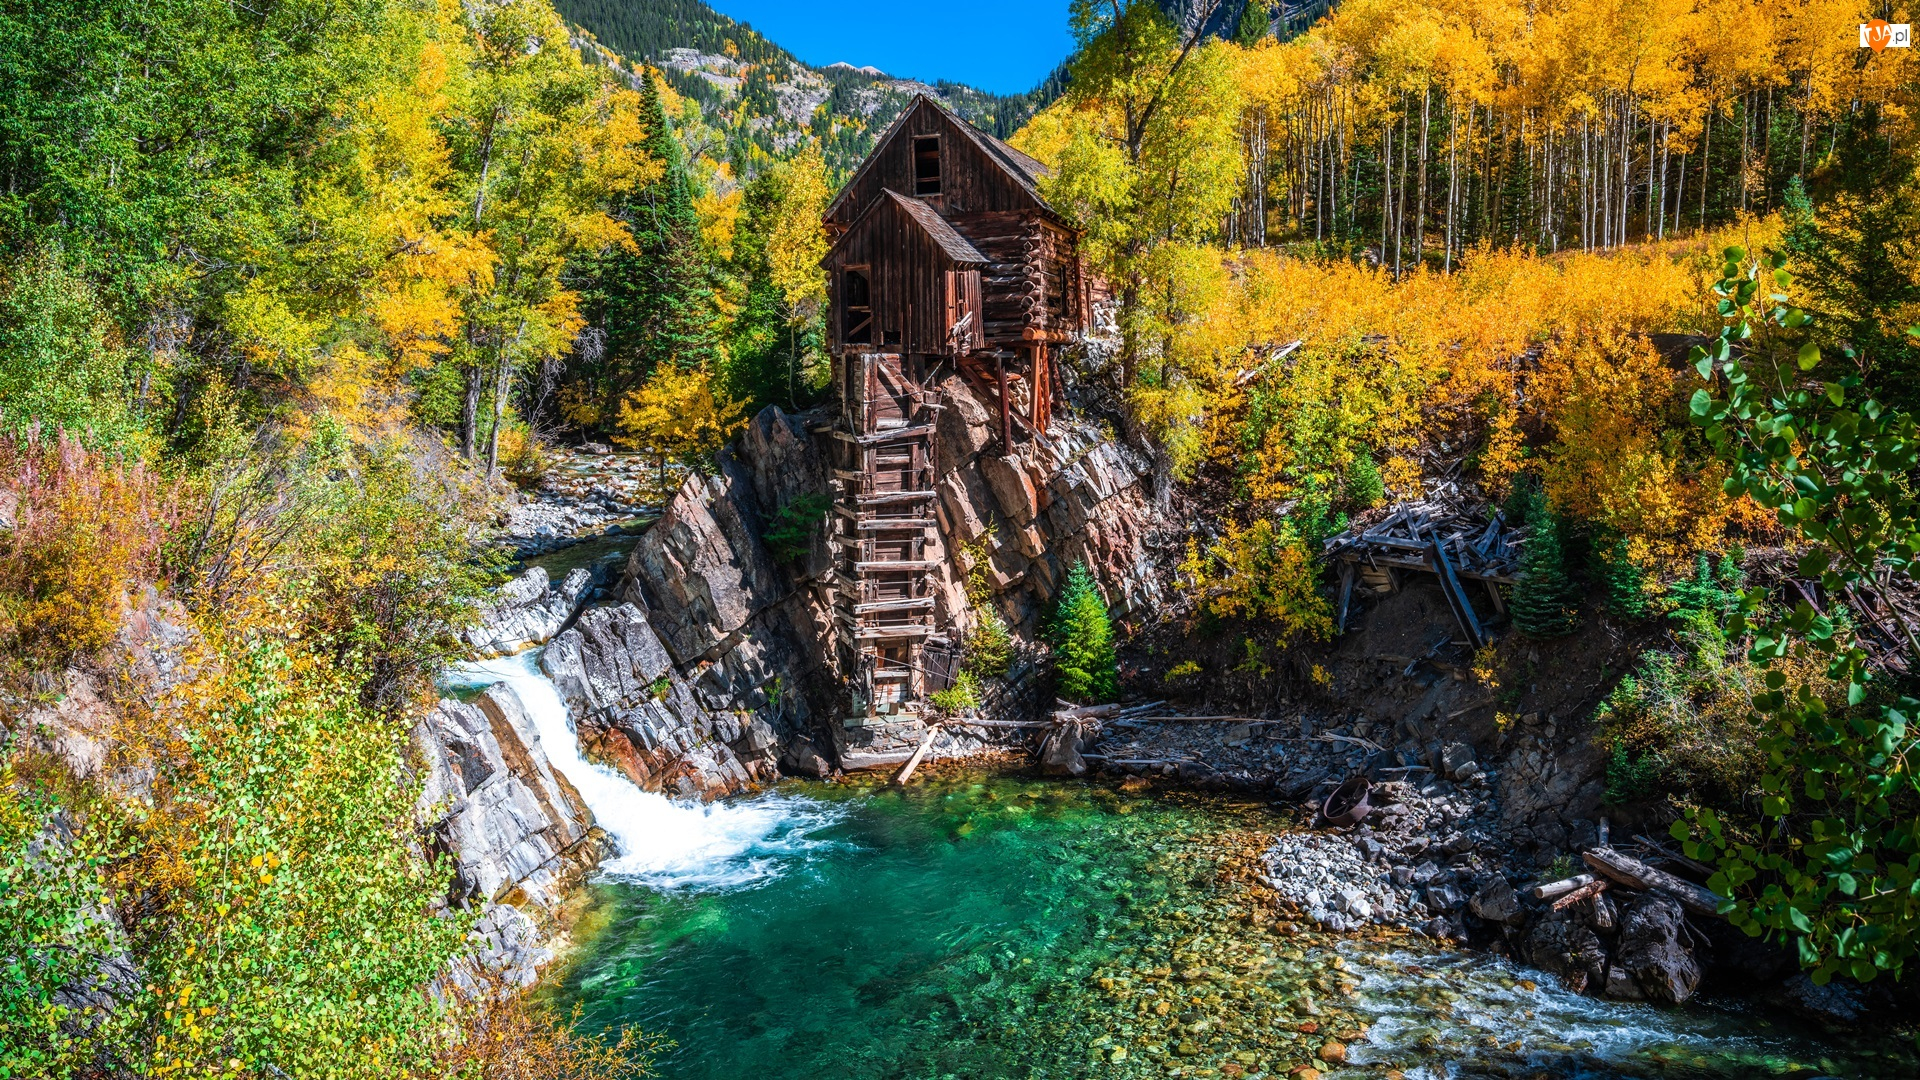 Rzeka Crystal River, Jesień, Stany Zjednoczone, Młyn Crystal Mill, Kolorado, Drzewa, Skały